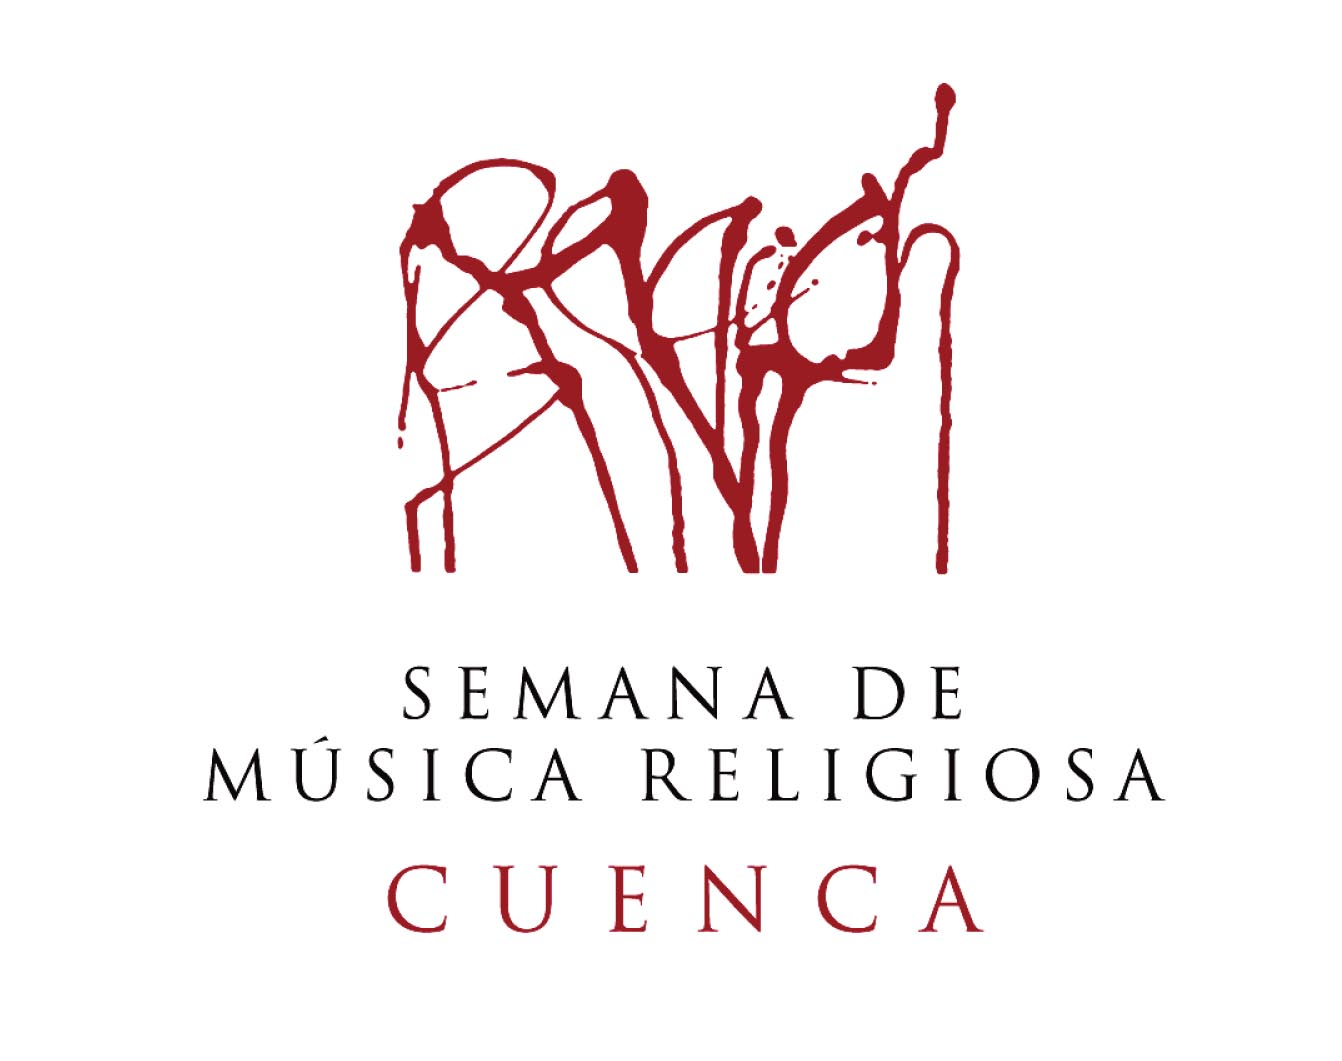 Semana_musica_religiosa_cuenca_mirandoacuenca.es